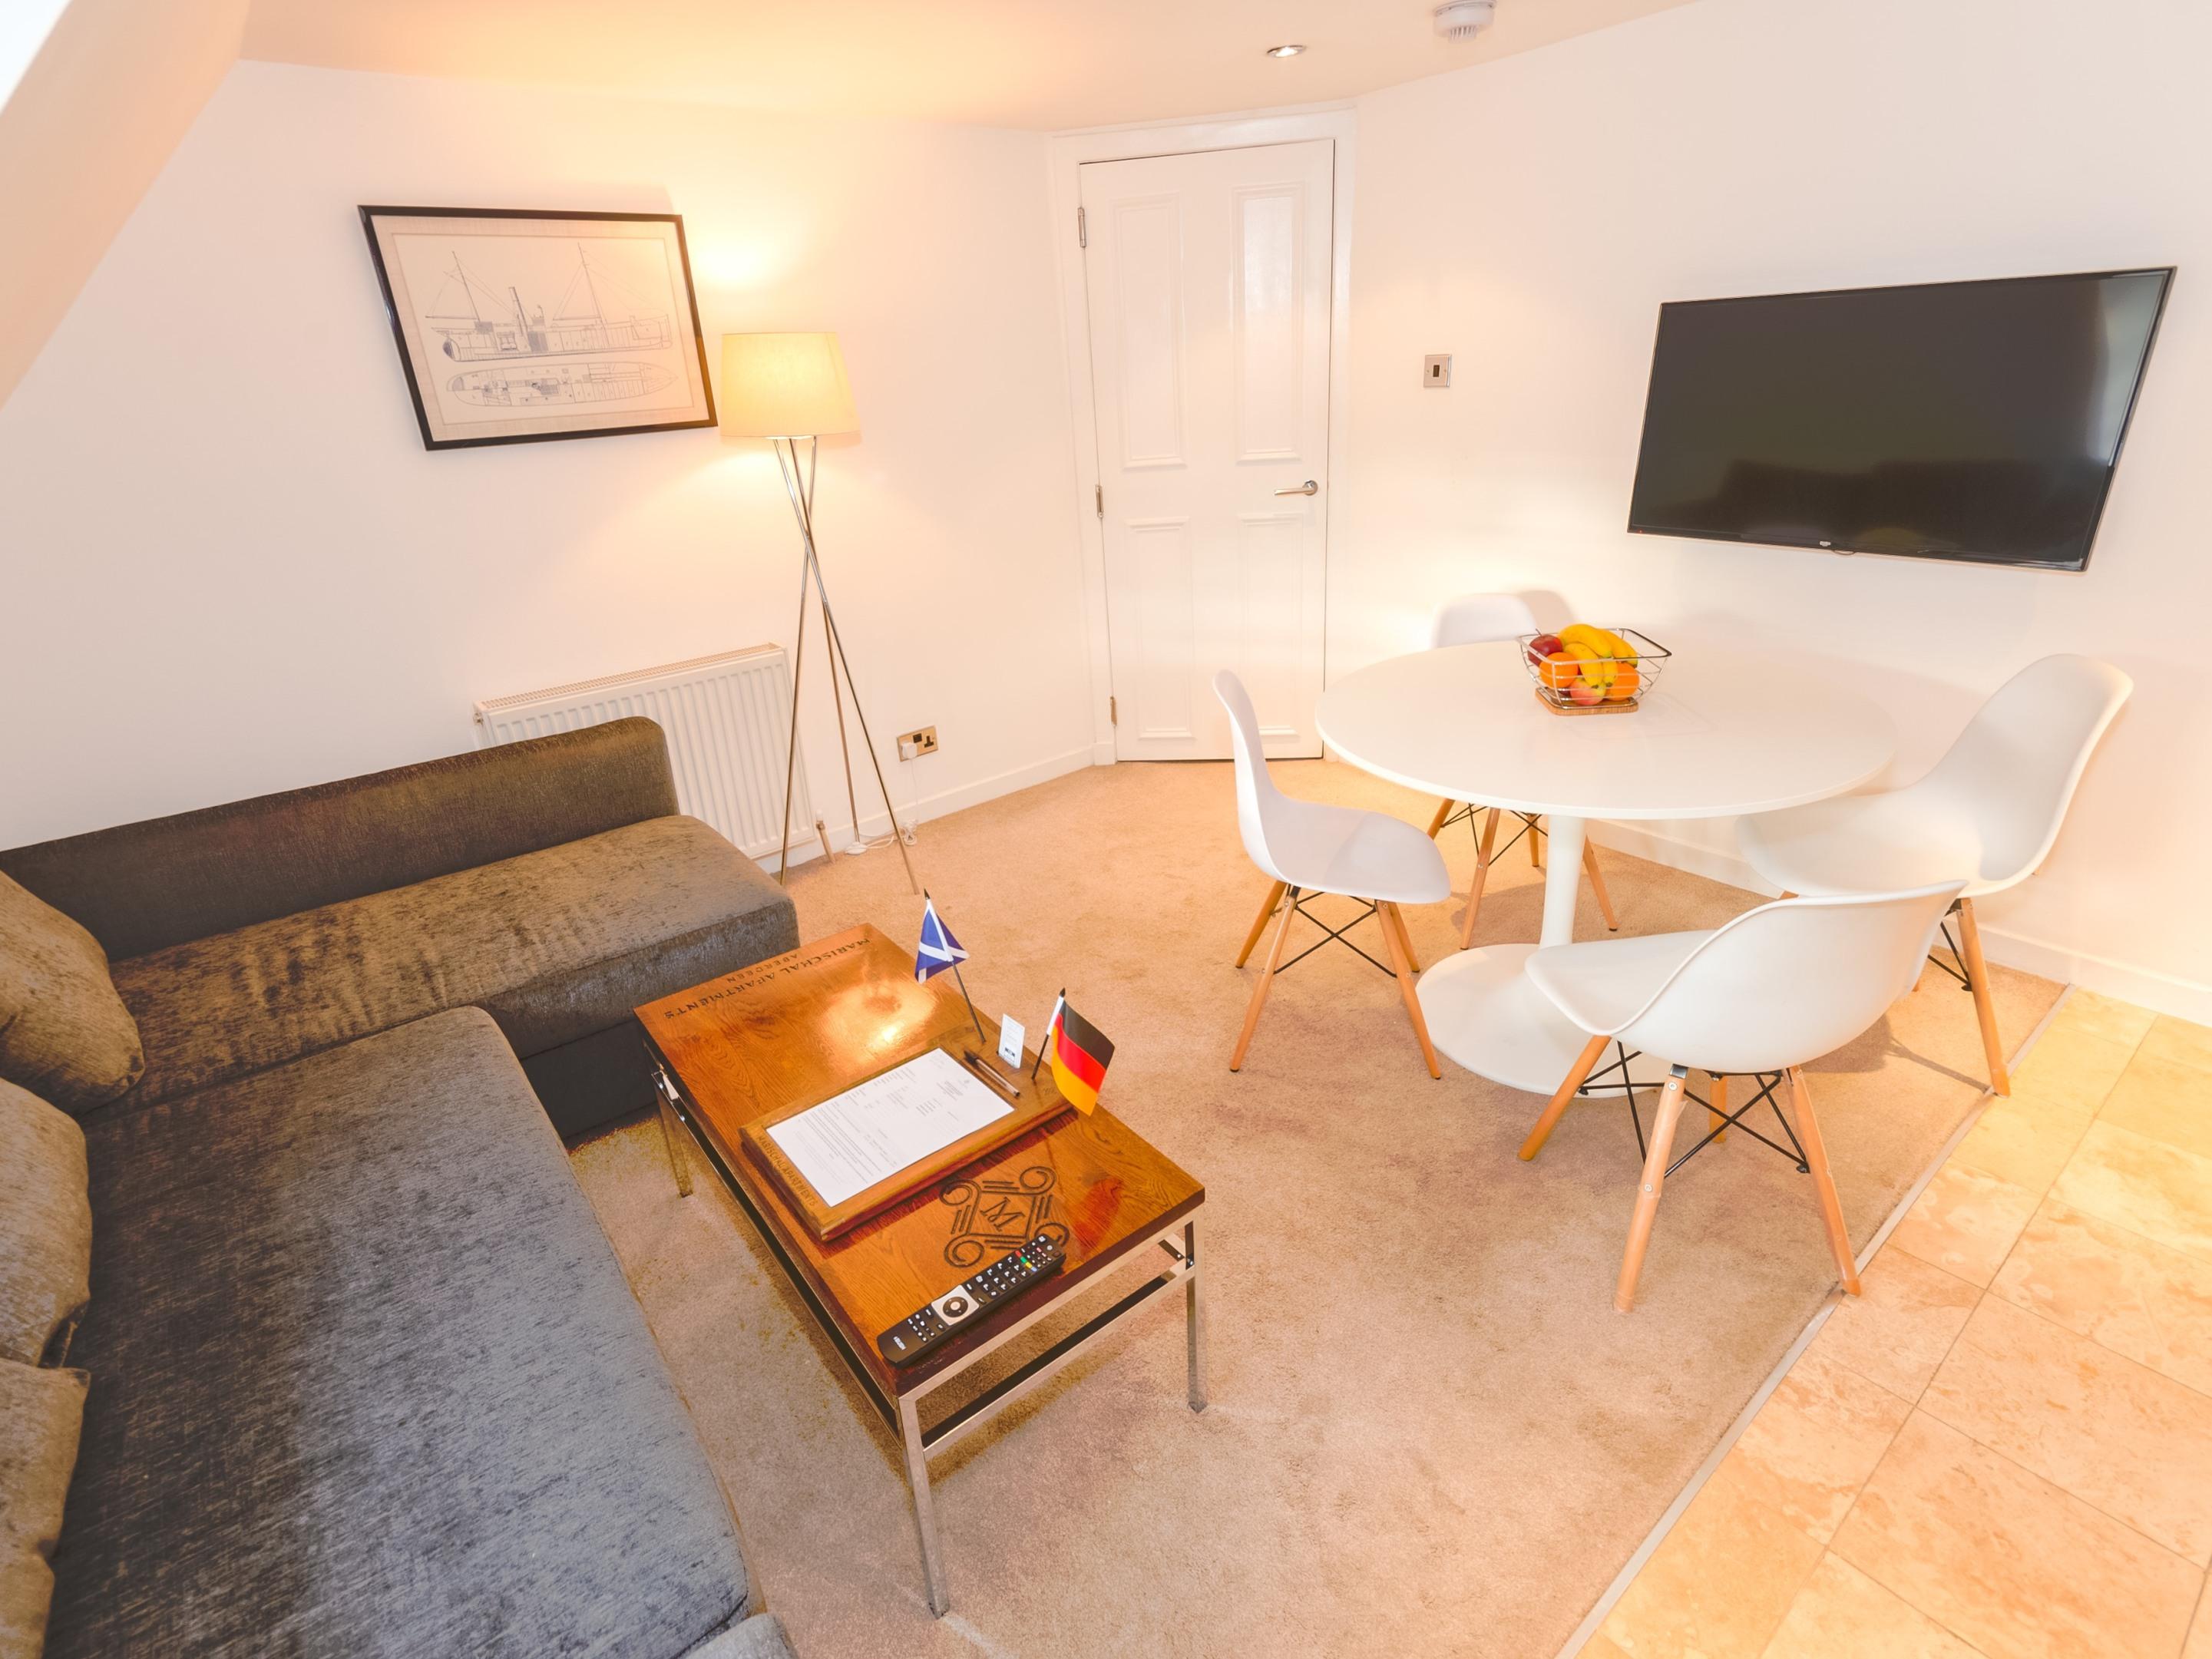 3 Bedroom-Premium-Apartment-Private Bathroom - Base Rate